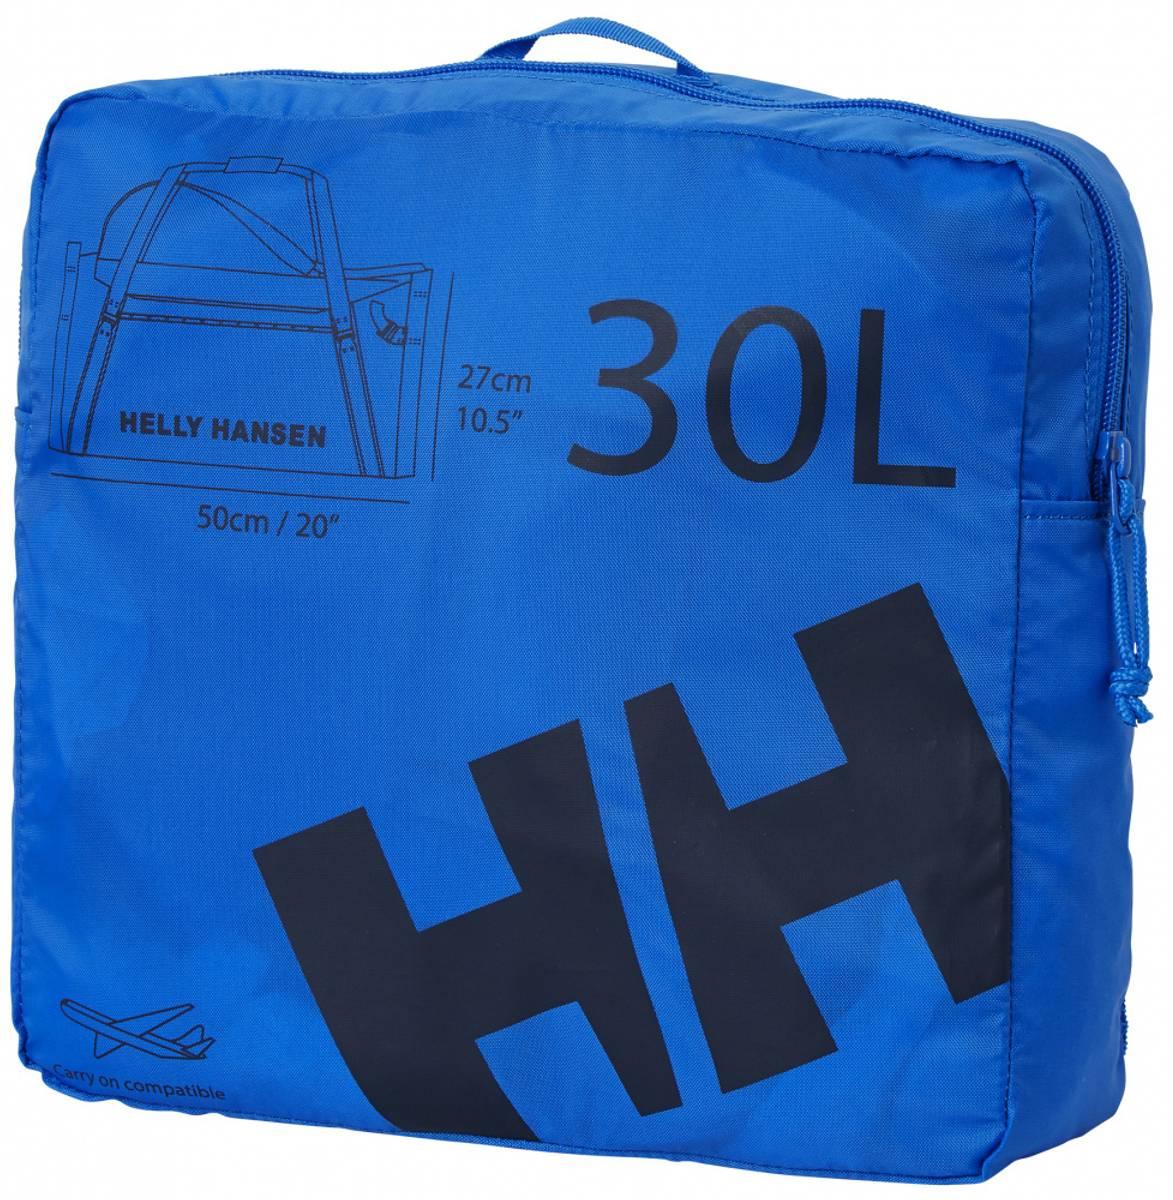 HH Duffel Bag 2 30L - Electric Blue